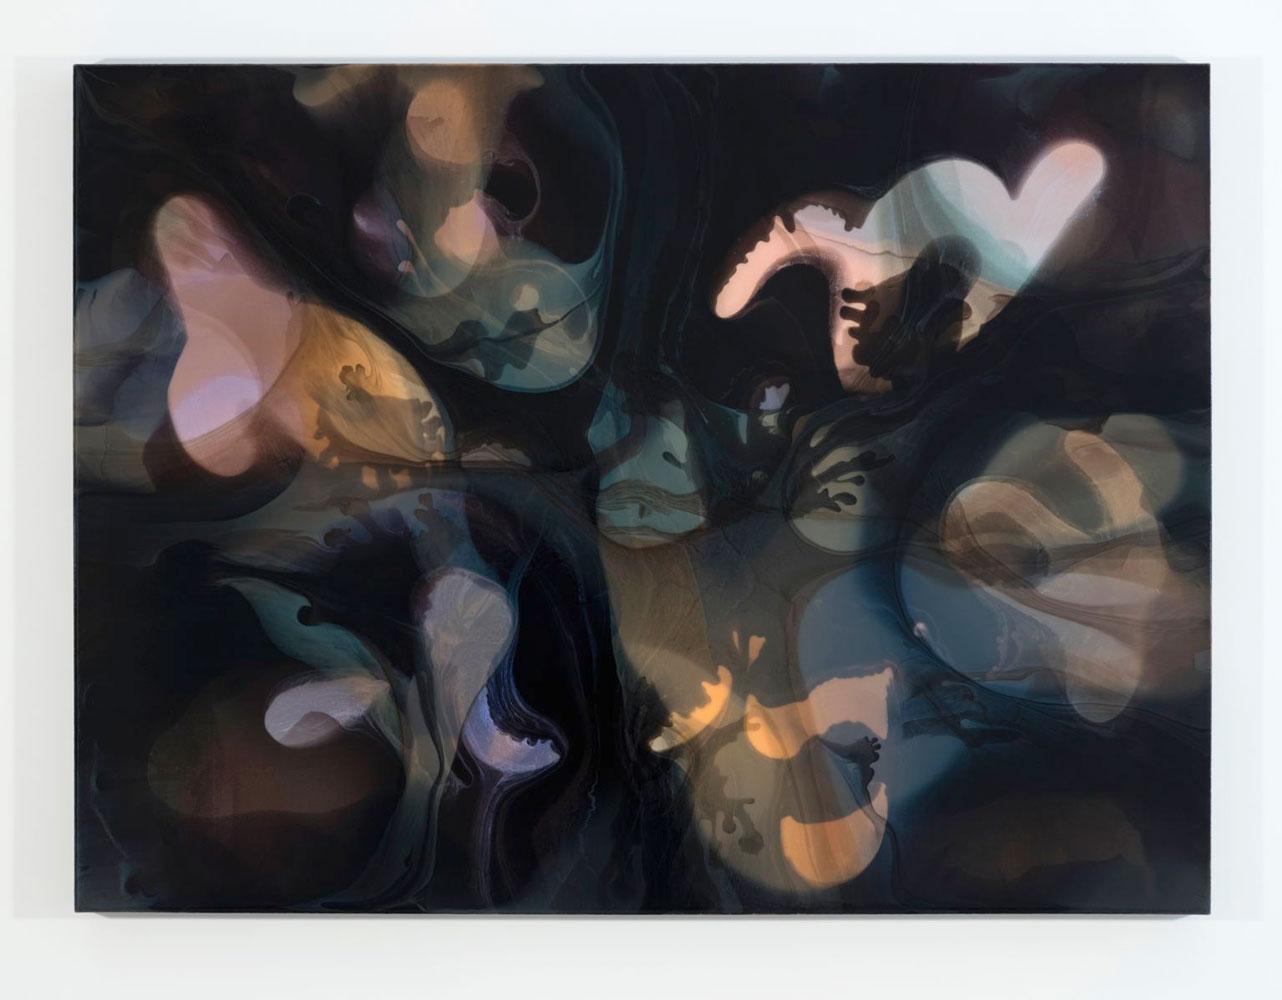 François Lacasse | Phase V concrétion I, 2015, encre et acrylique sur toile, François Lacasse : Vue d'exposition 2016, Crédit photo : Richard-Max Tremblay